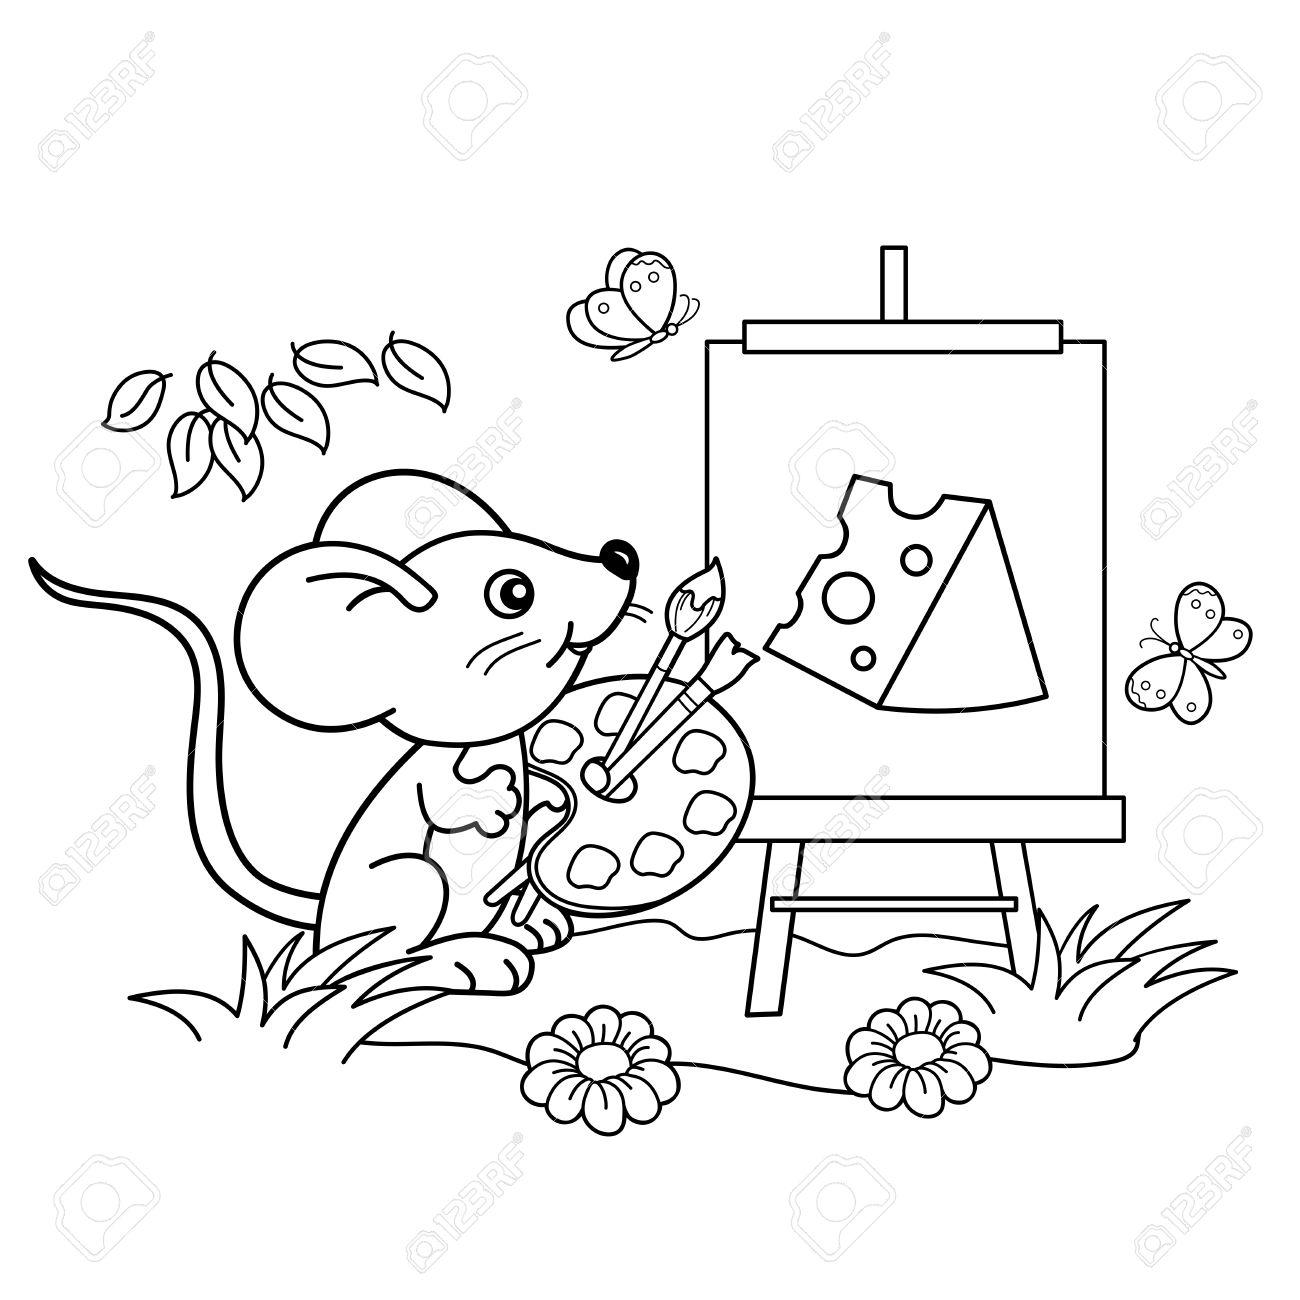 Coloring Seite Umriss Cartoon Kleine Maus Mit Einem Bild Von Käse ...